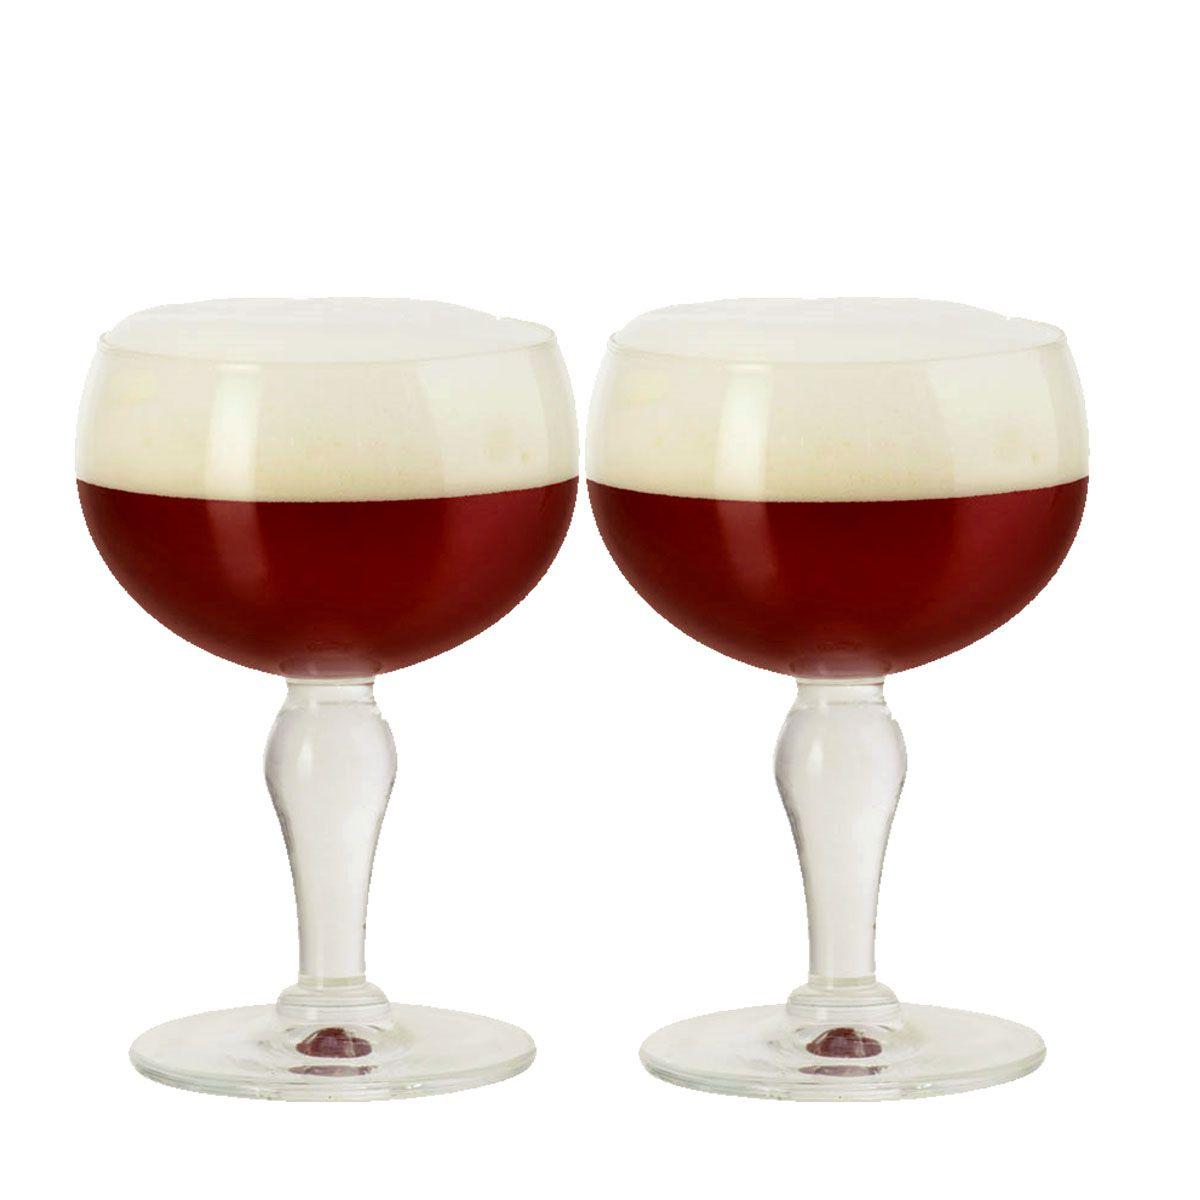 Kit Com 2 Taças De Cristal Para Cerveja Rochefort De 445ml